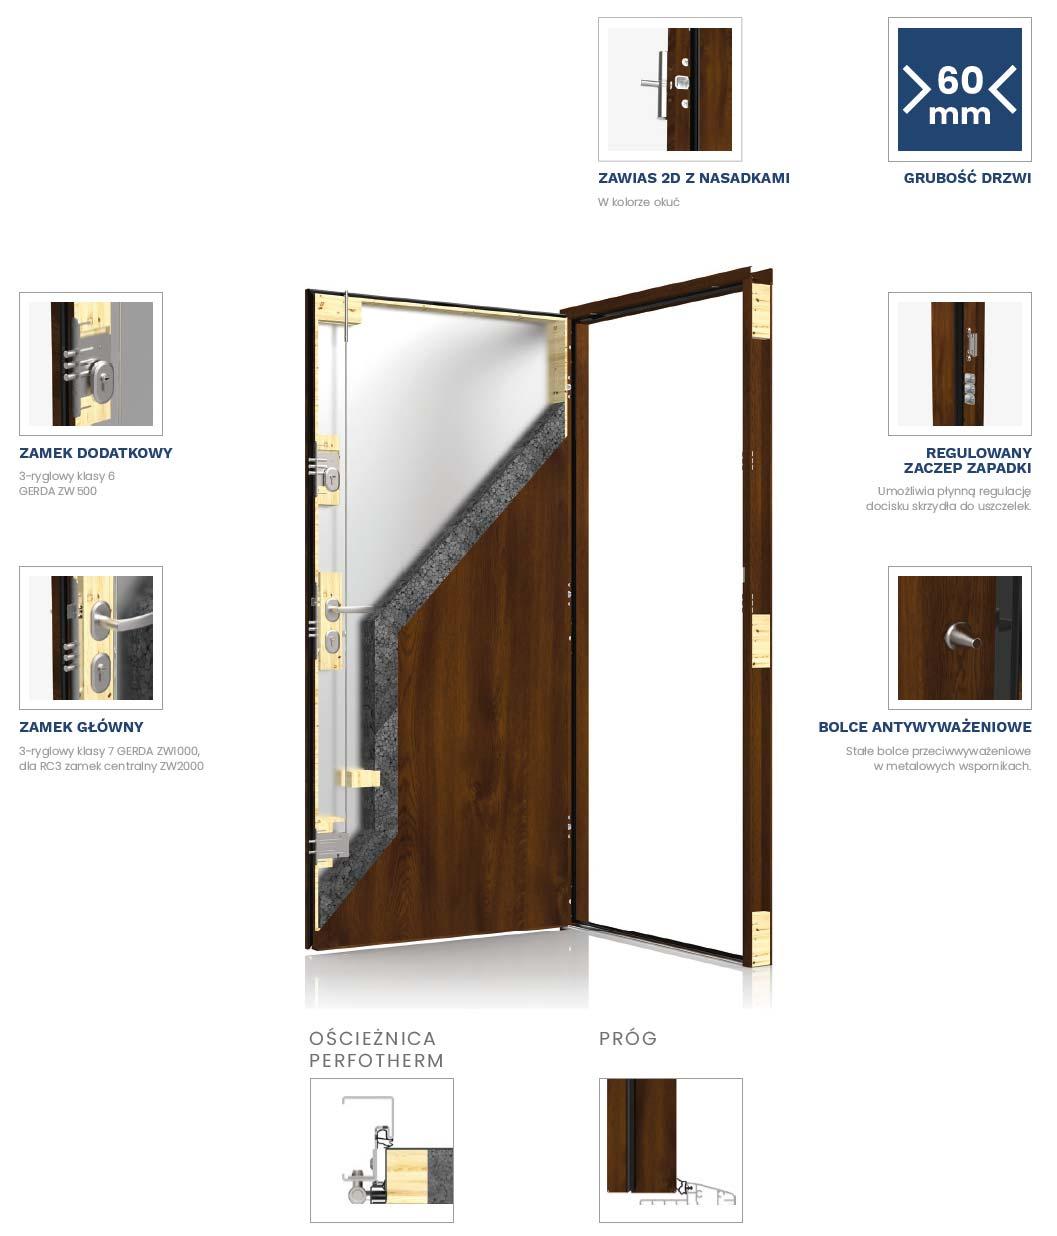 drzwi-gerda-optima-60-przekroj